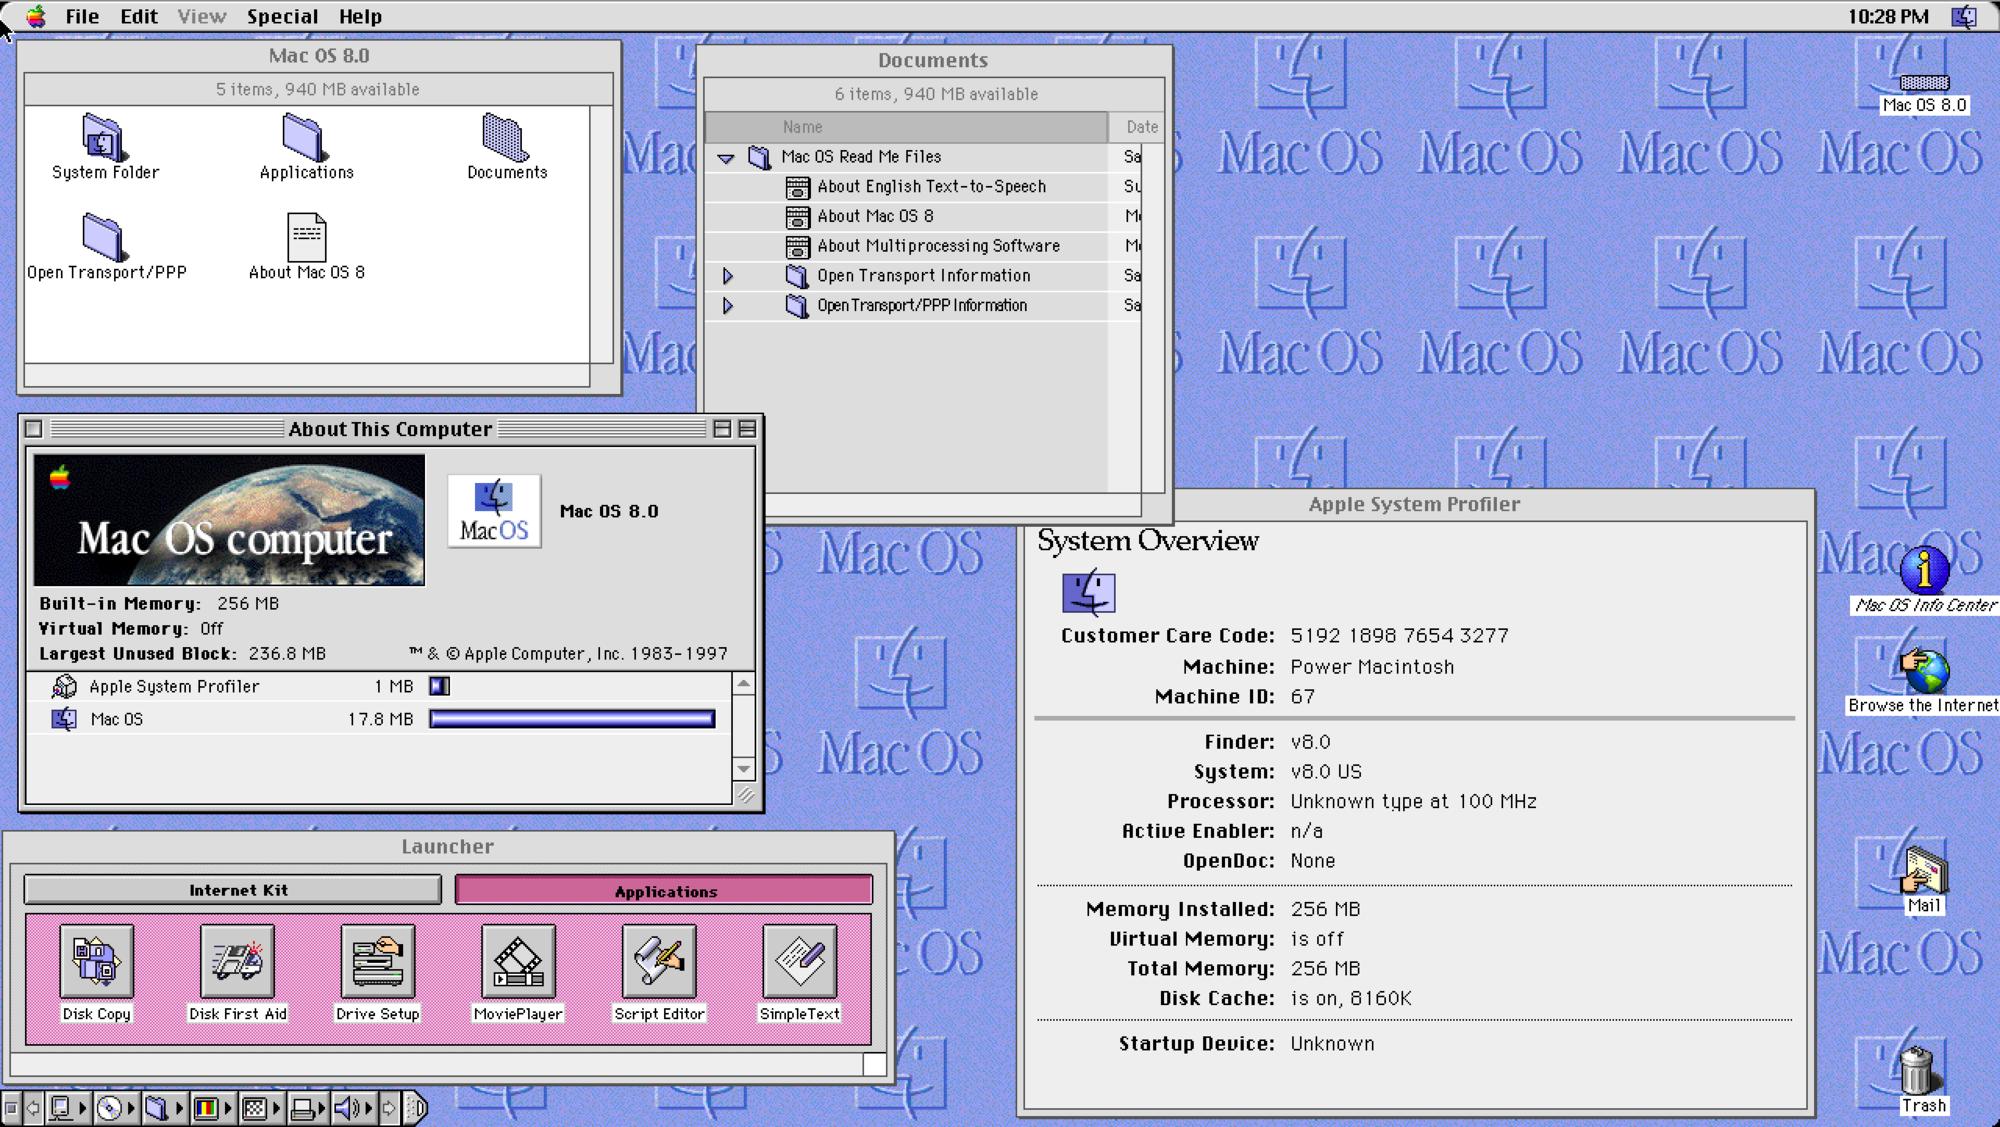 1997年7月26日,Mac OS 8.0正式发布,Mac OS的名称被正式采用